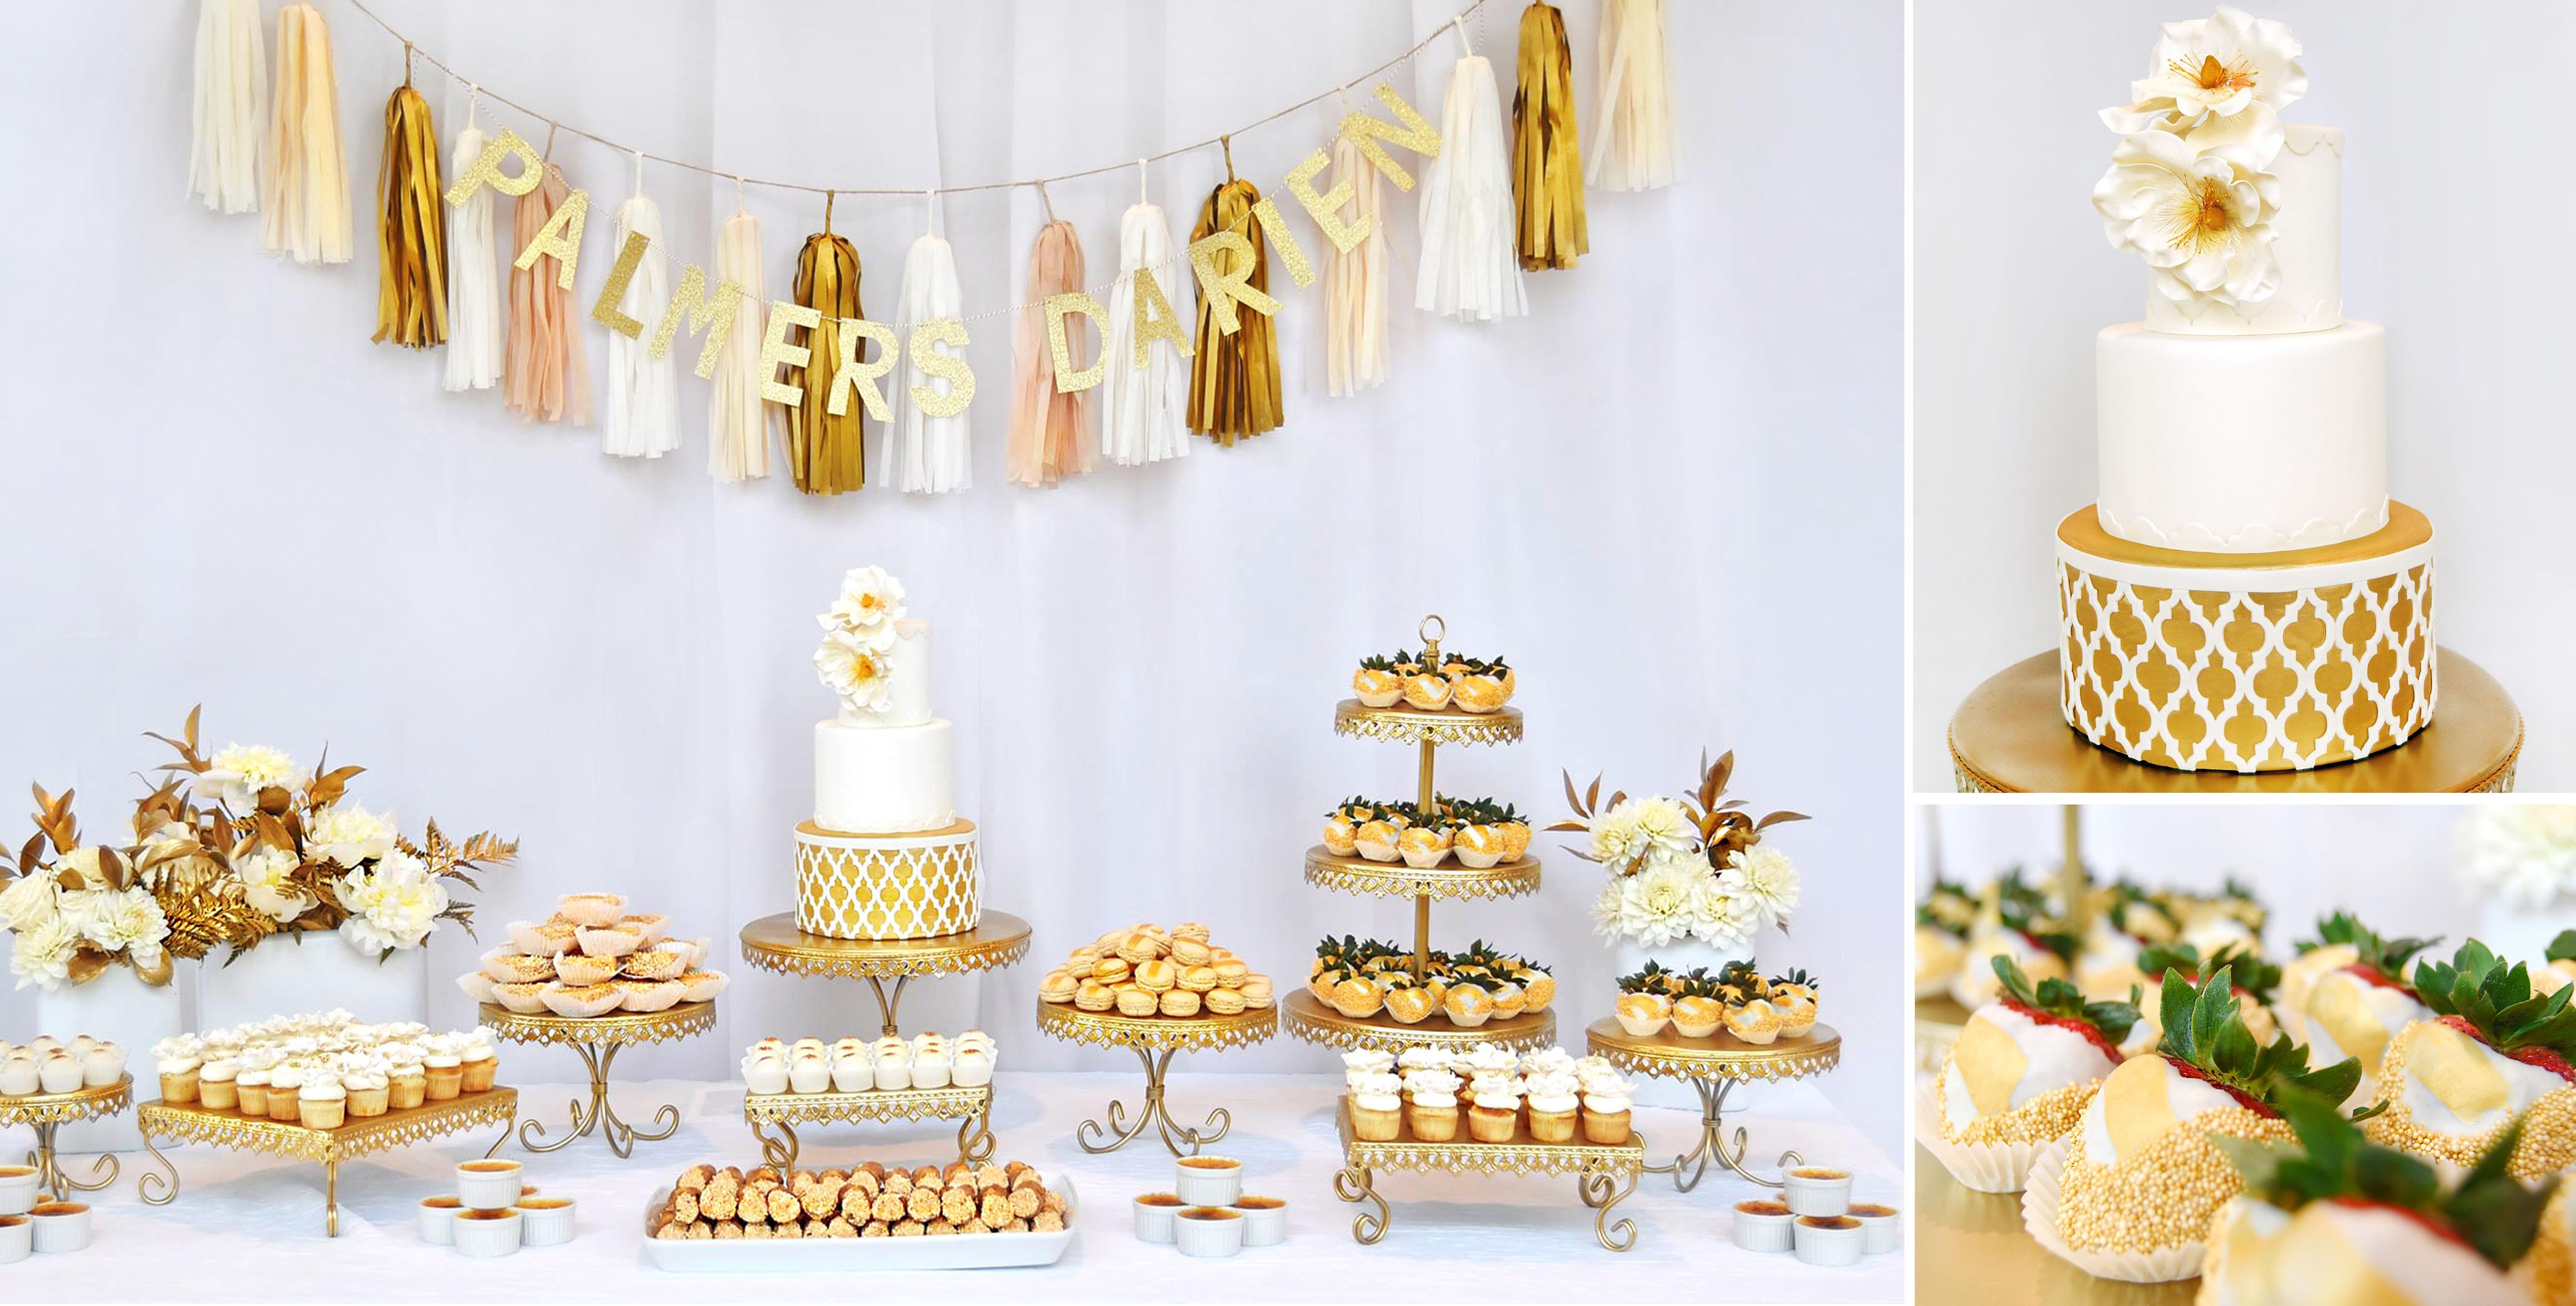 Palmer's Bakery - White and Gold Dessert Bar